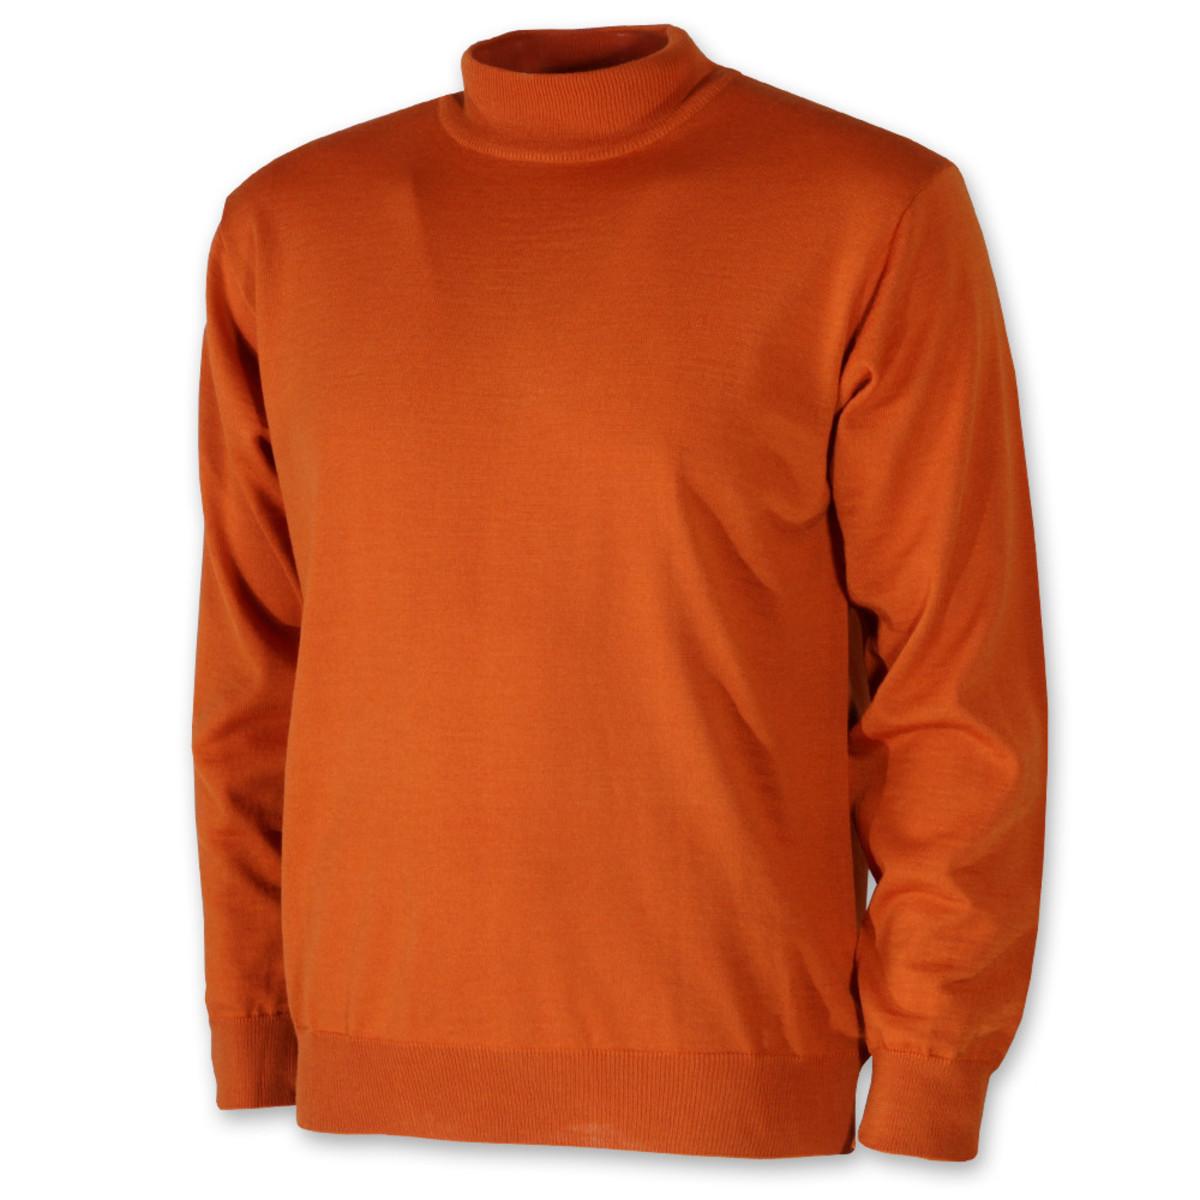 Pánsky sveter s rolákom oranžový 10370 XL